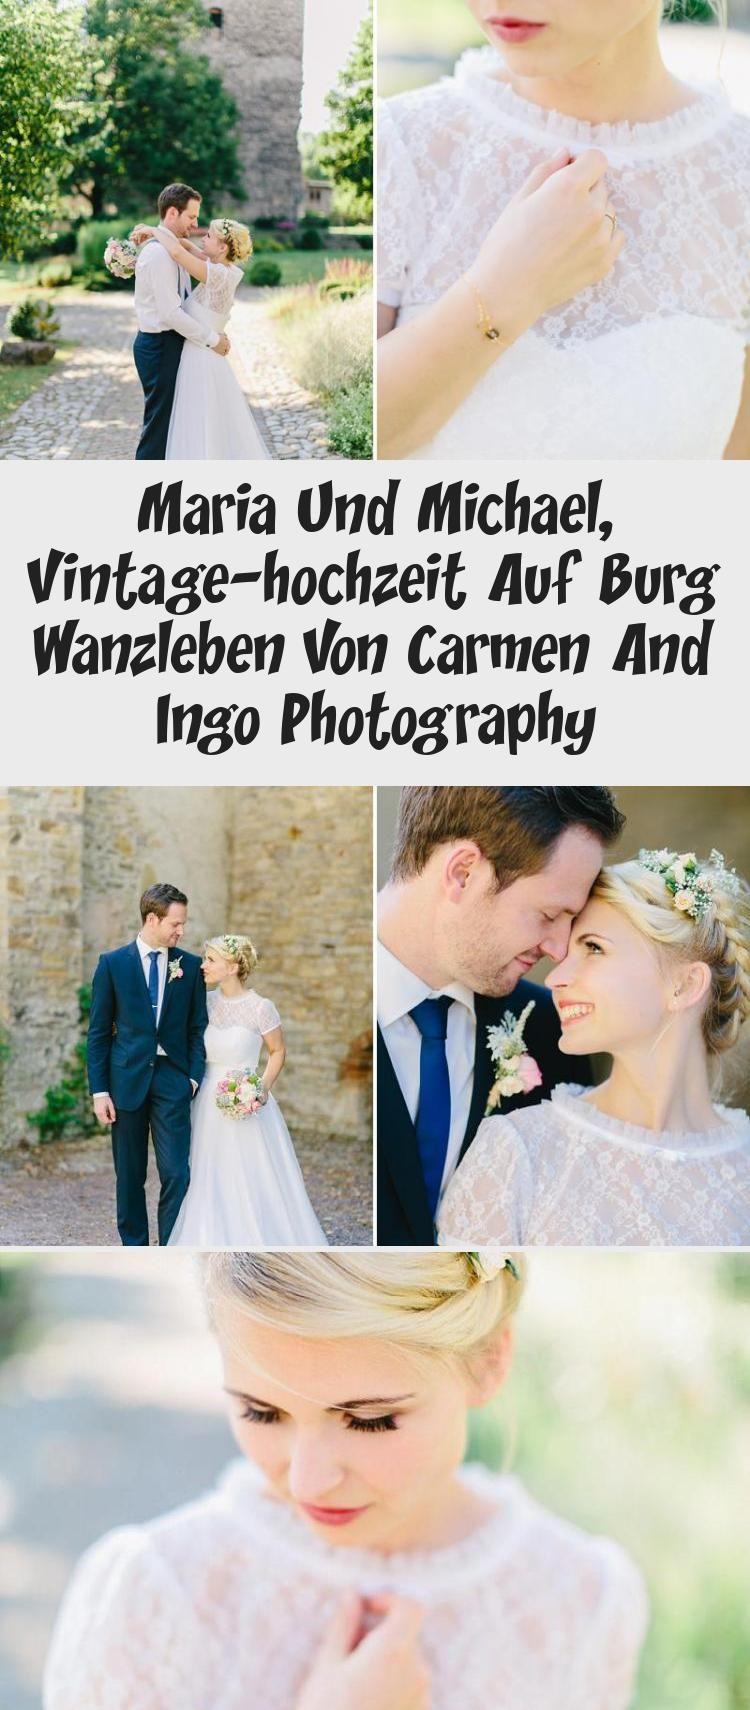 Maria Und Michael Vintage Hochzeit Auf Burg Wanzleben Von Carmen And Ingo Photography In 2020 Wedding Wedding Dresses Movie Posters